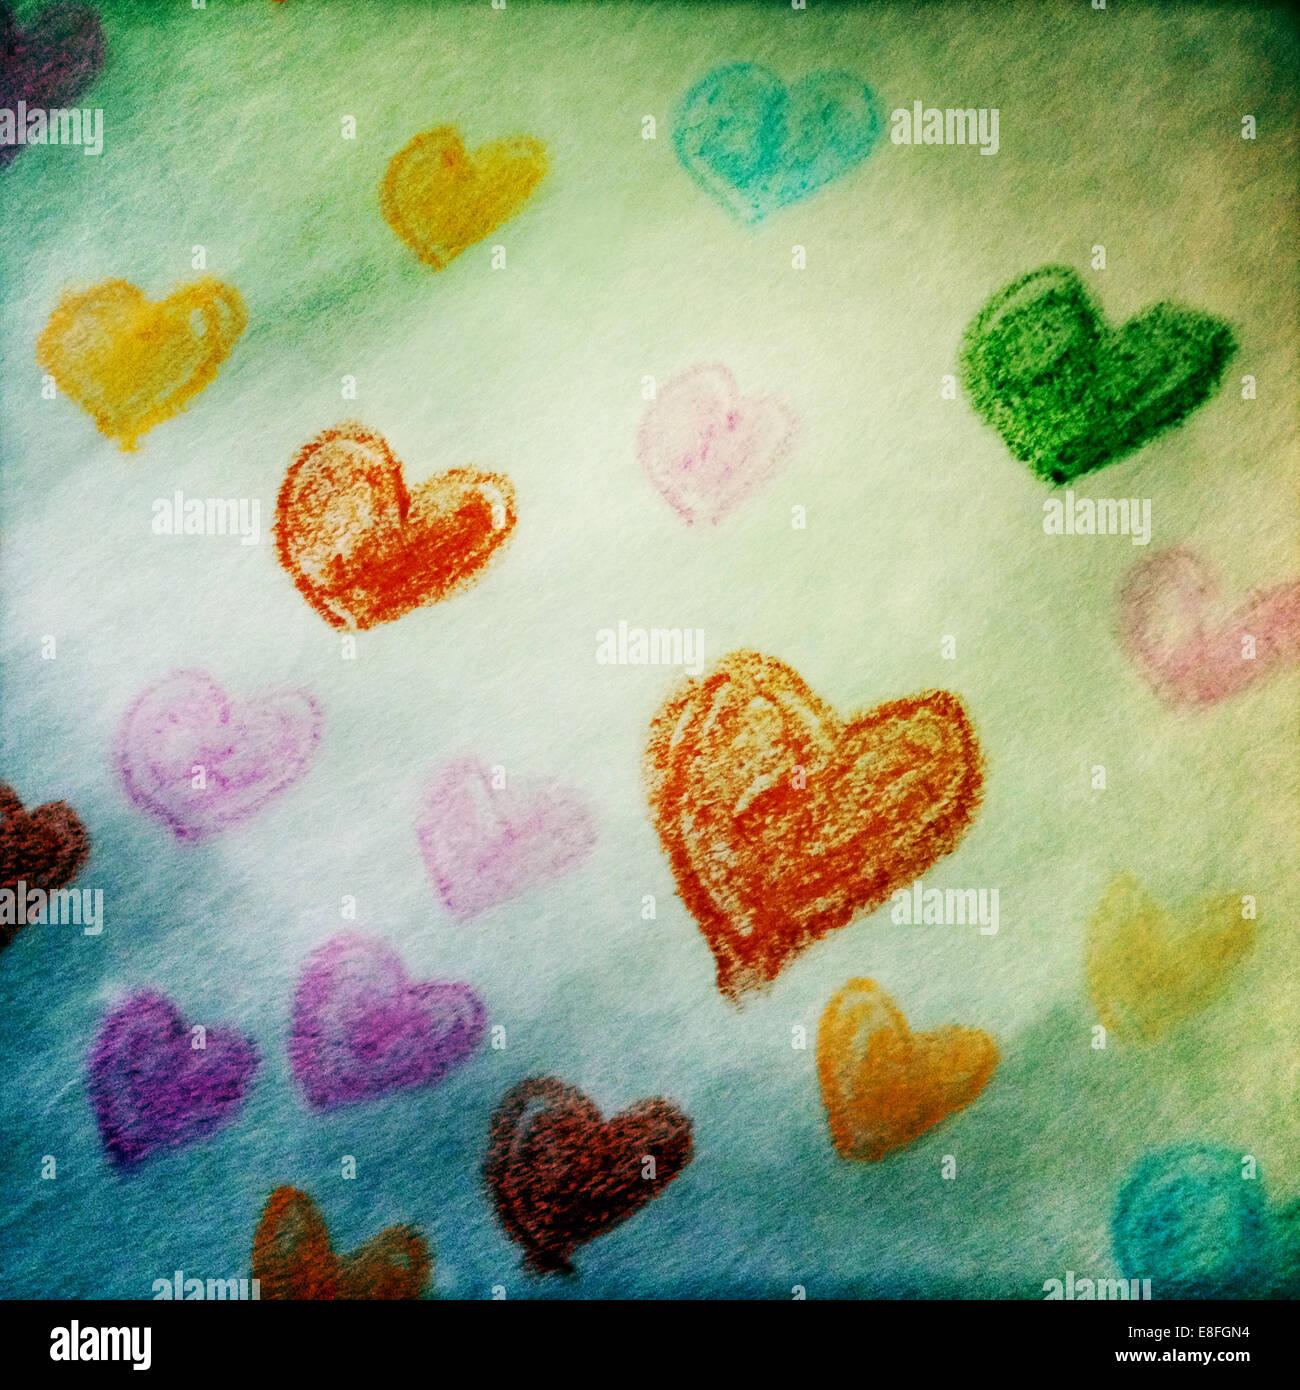 Multicolore coeur dessiné sur papier Photo Stock